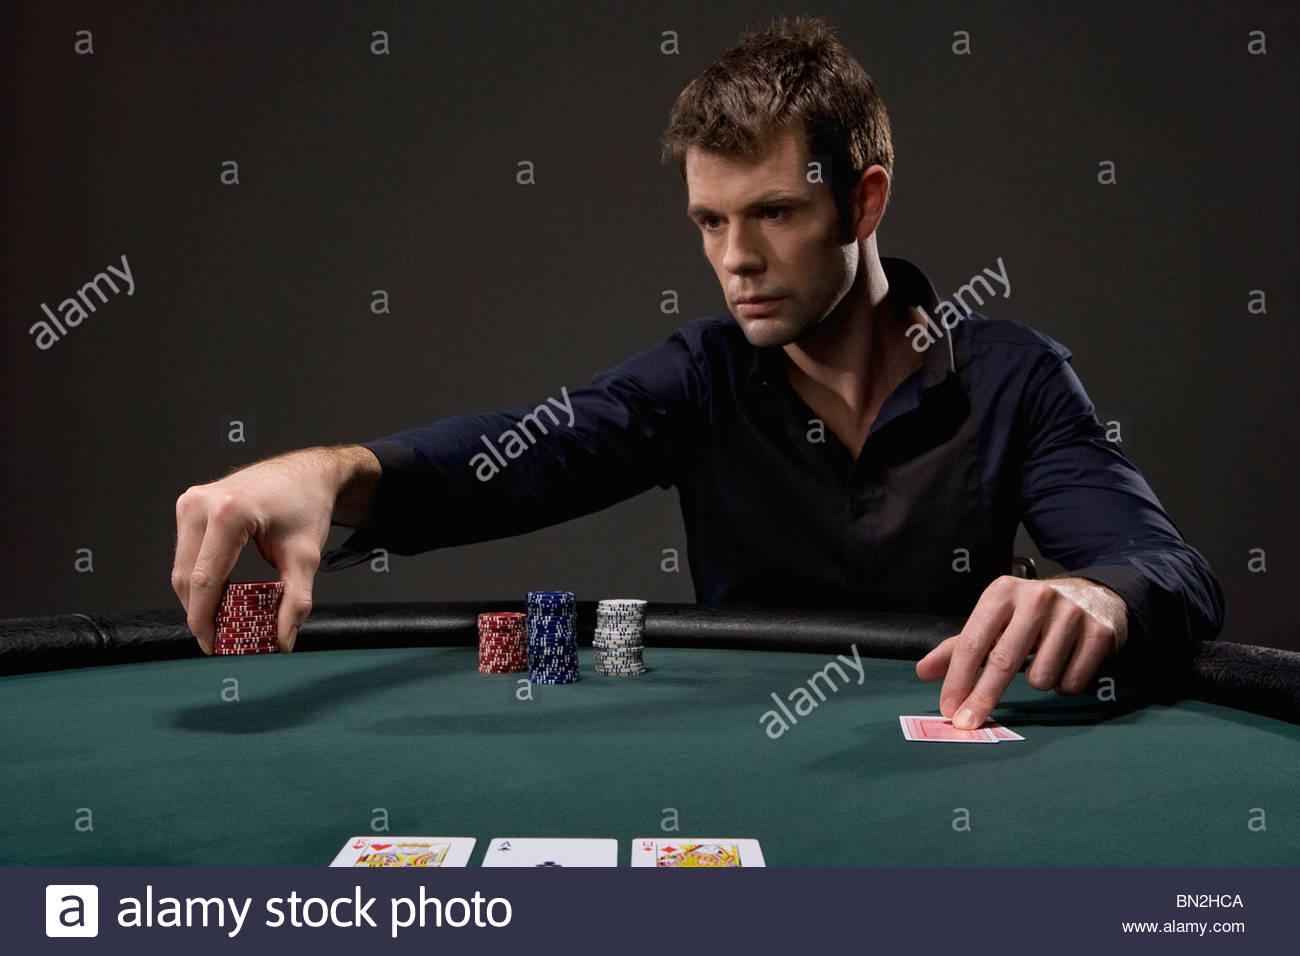 Man playing poker in casino - Stock Image